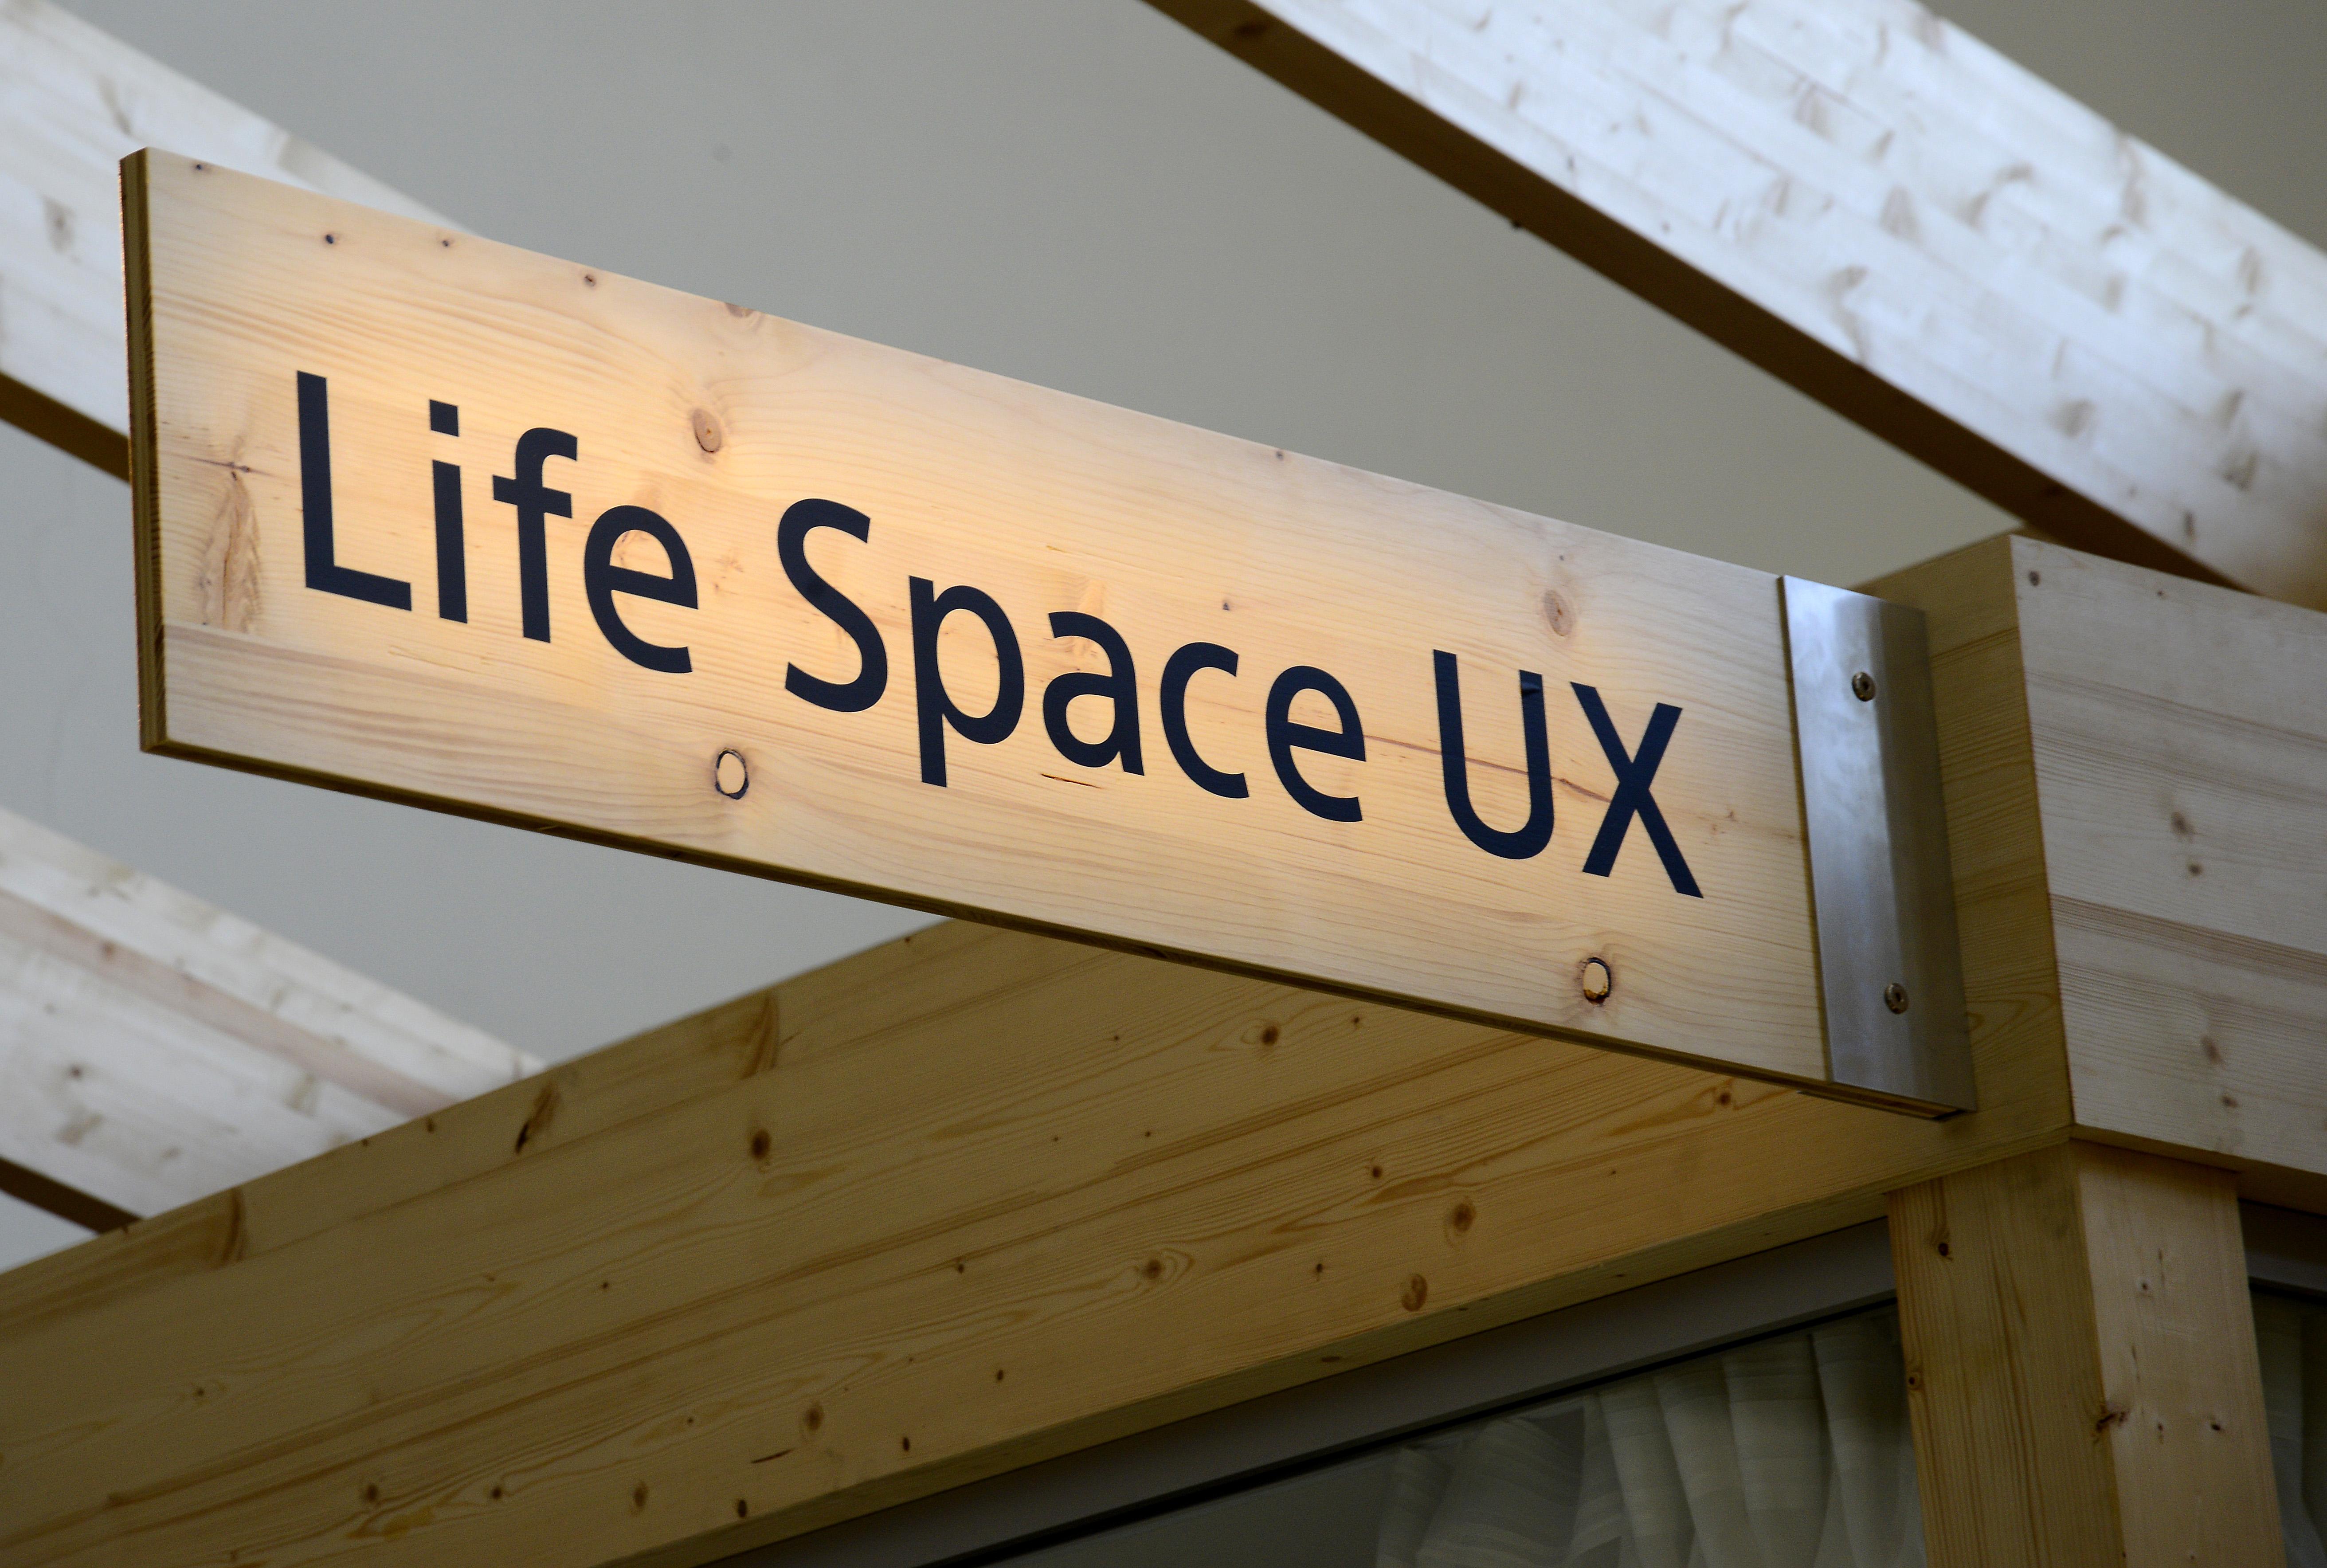 Foto: Michael B. Rehders Im Life Space UX werden Innovationen von Sony vorgestellt, die in den nächsten Jahren Marktreife erlangen sollen. Unbedingt mal reinschauen. Was heute schon technisch möglich ist, begeistert mich.